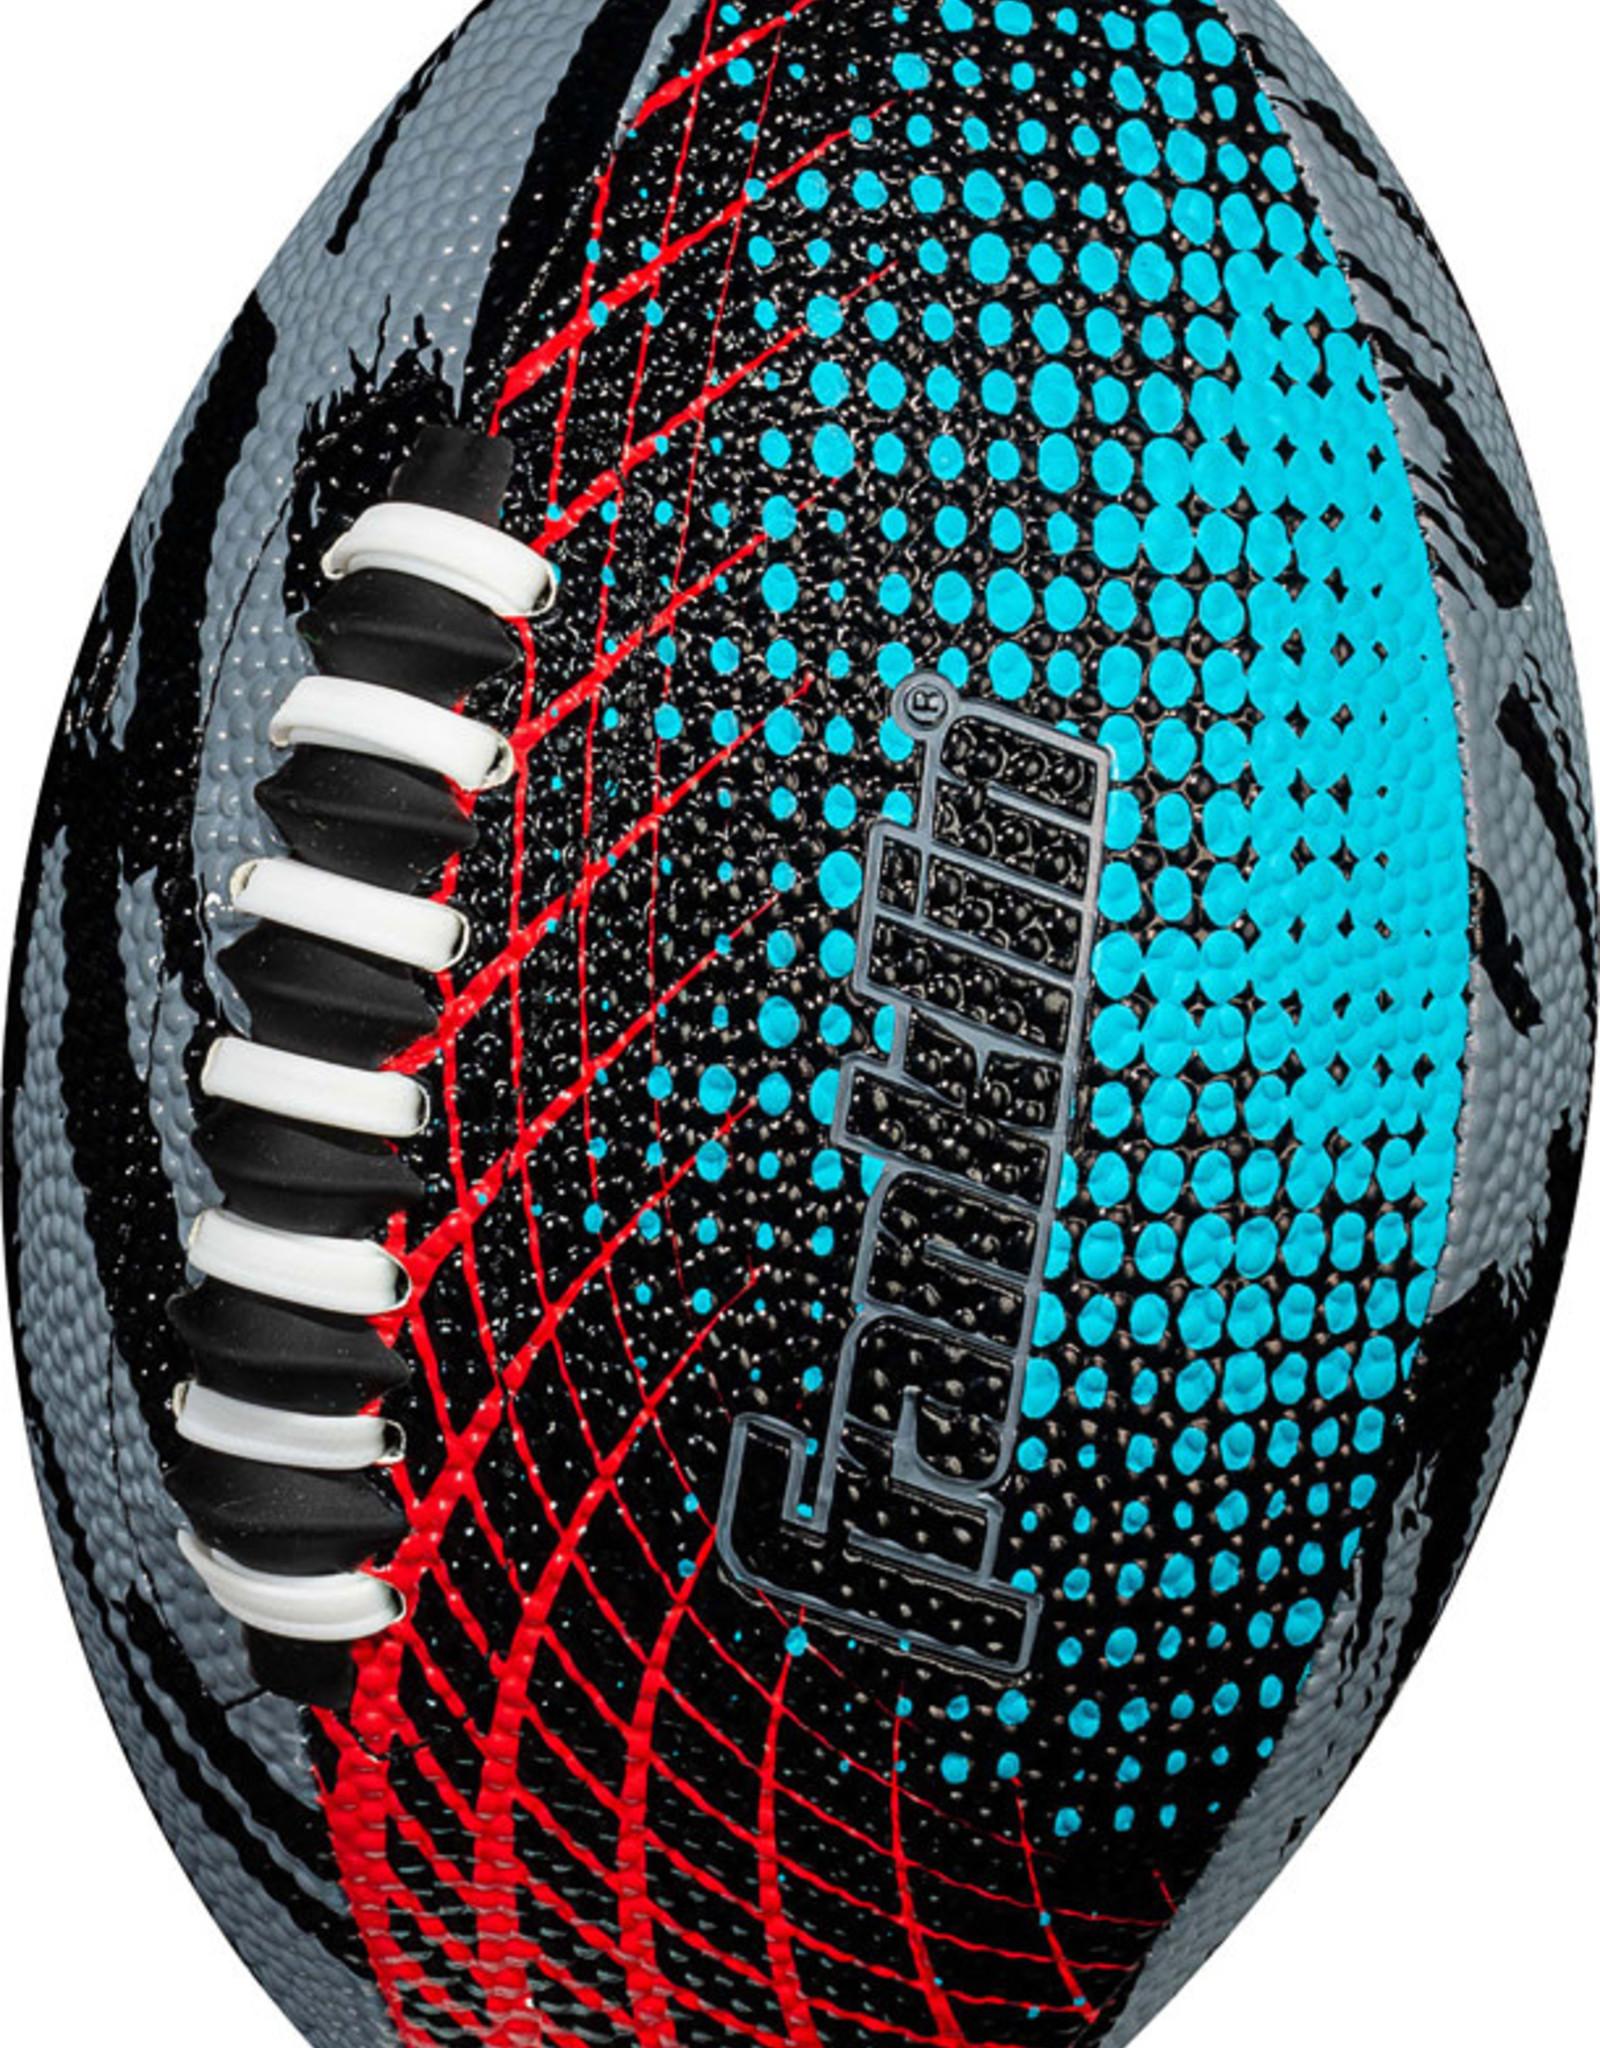 Mystic Series Mini Size Football